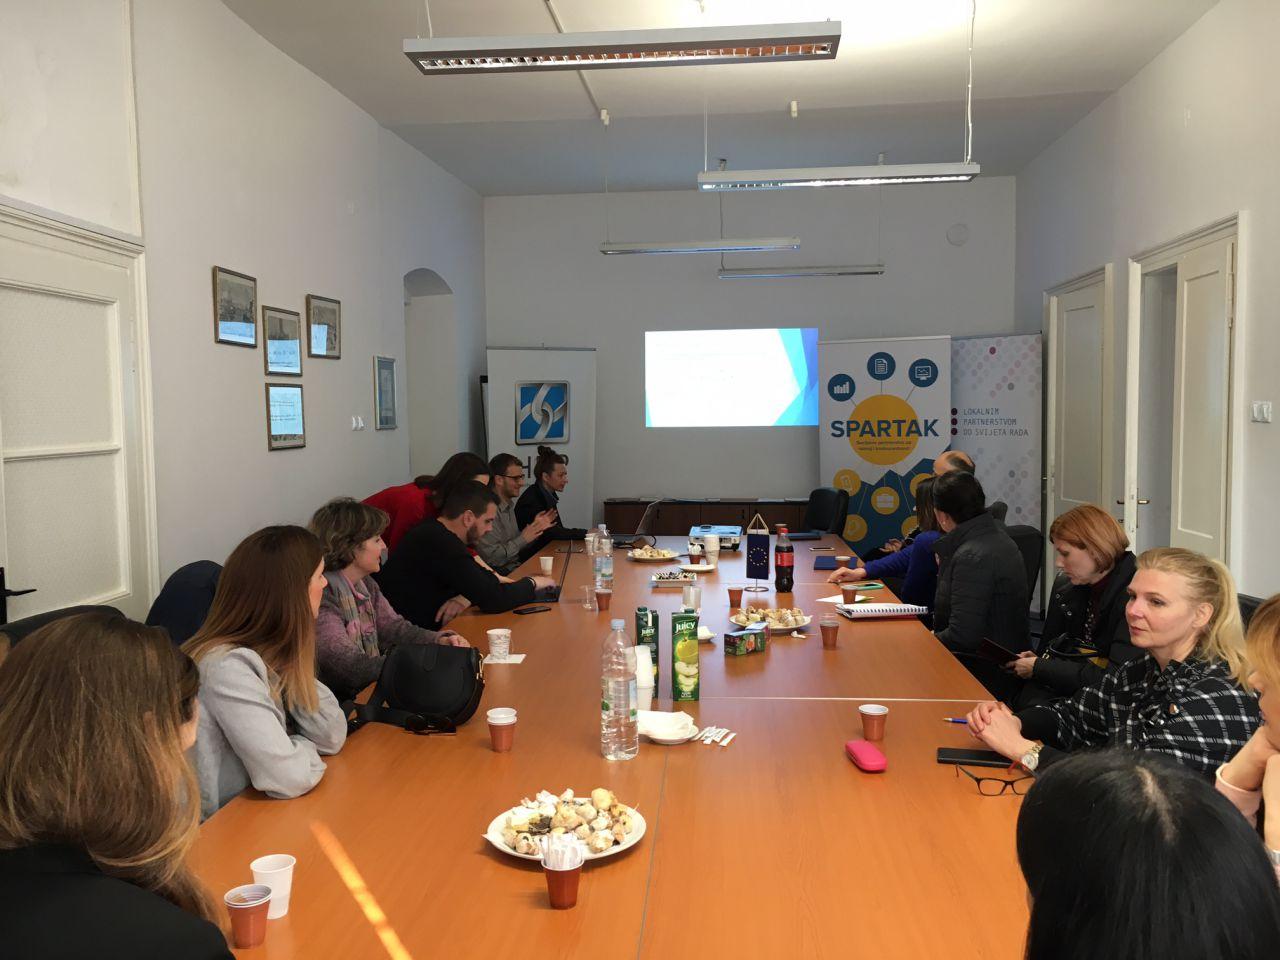 Održan 9. i 10. okrugli stol za uspostavu Socijalnog vijeća u okviru projekta SPARTAK